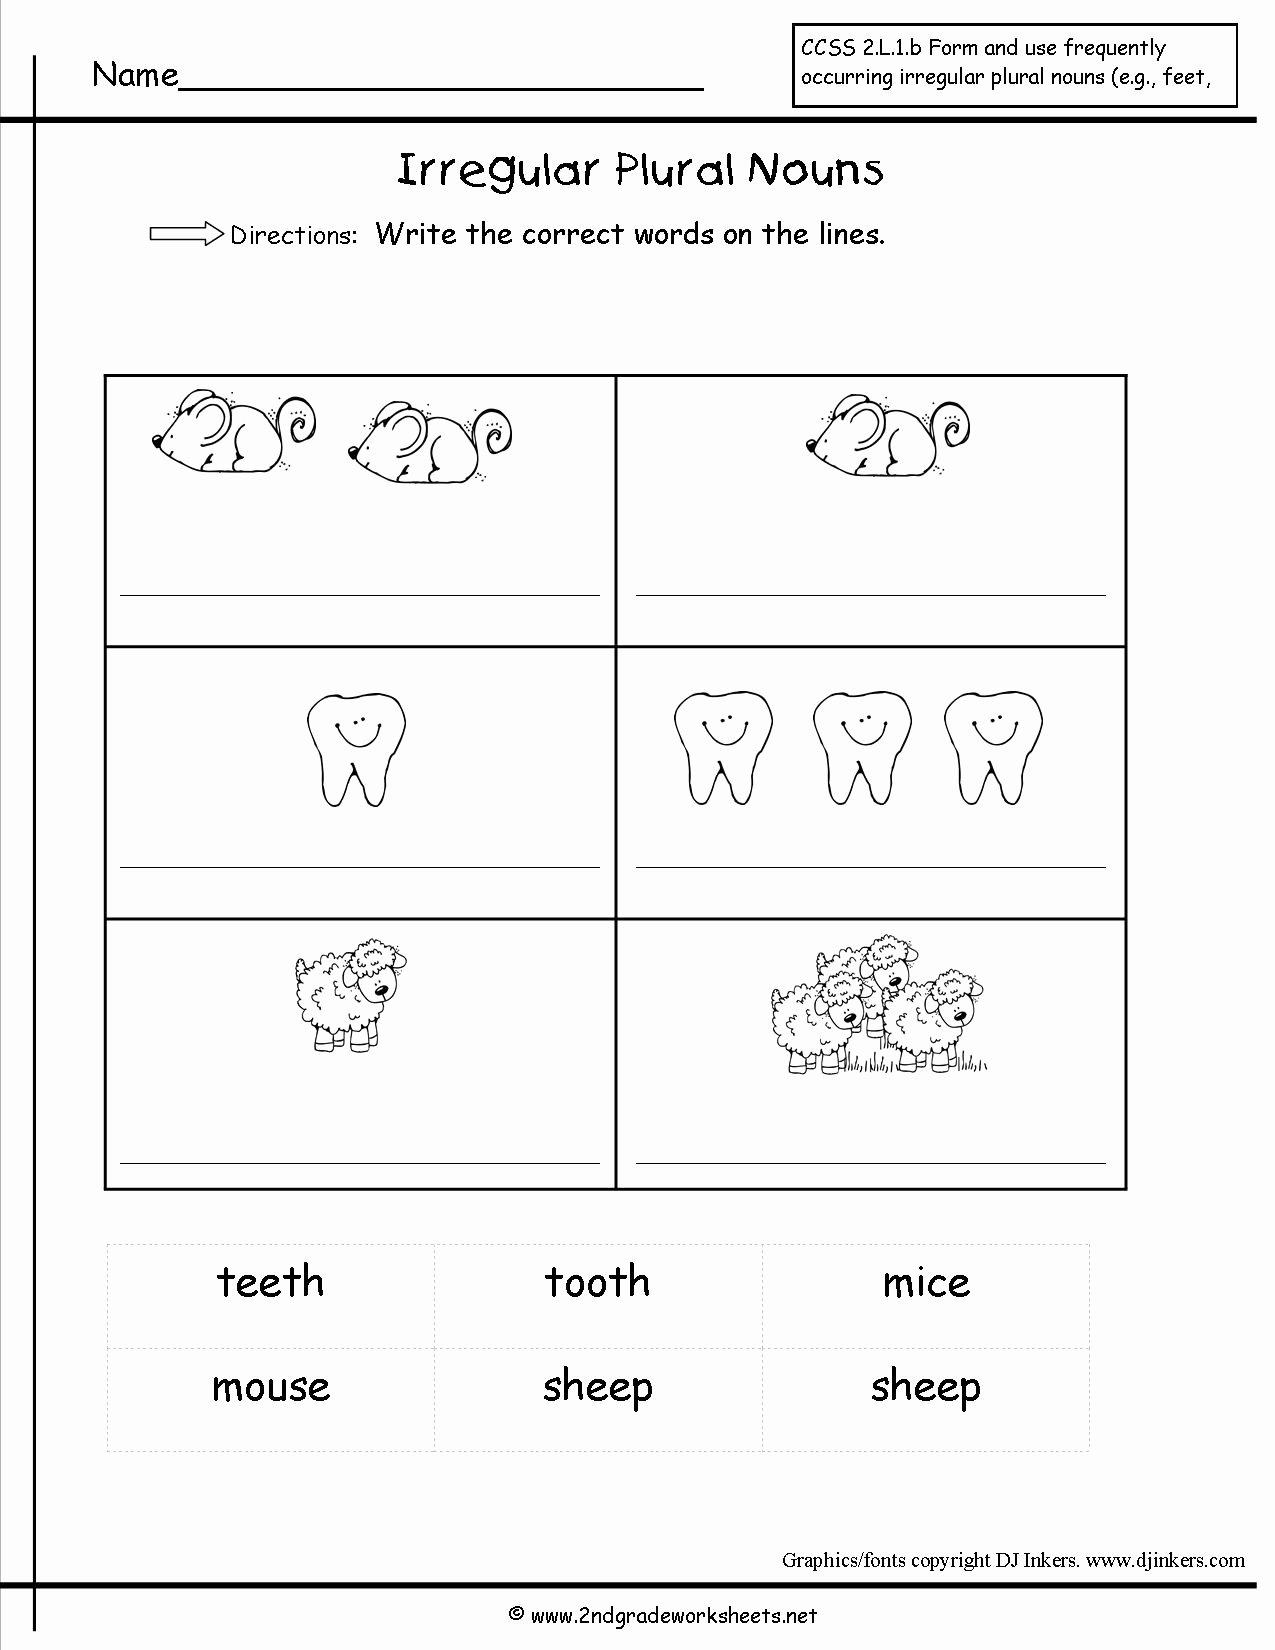 50 Irregular Plural Nouns Worksheet